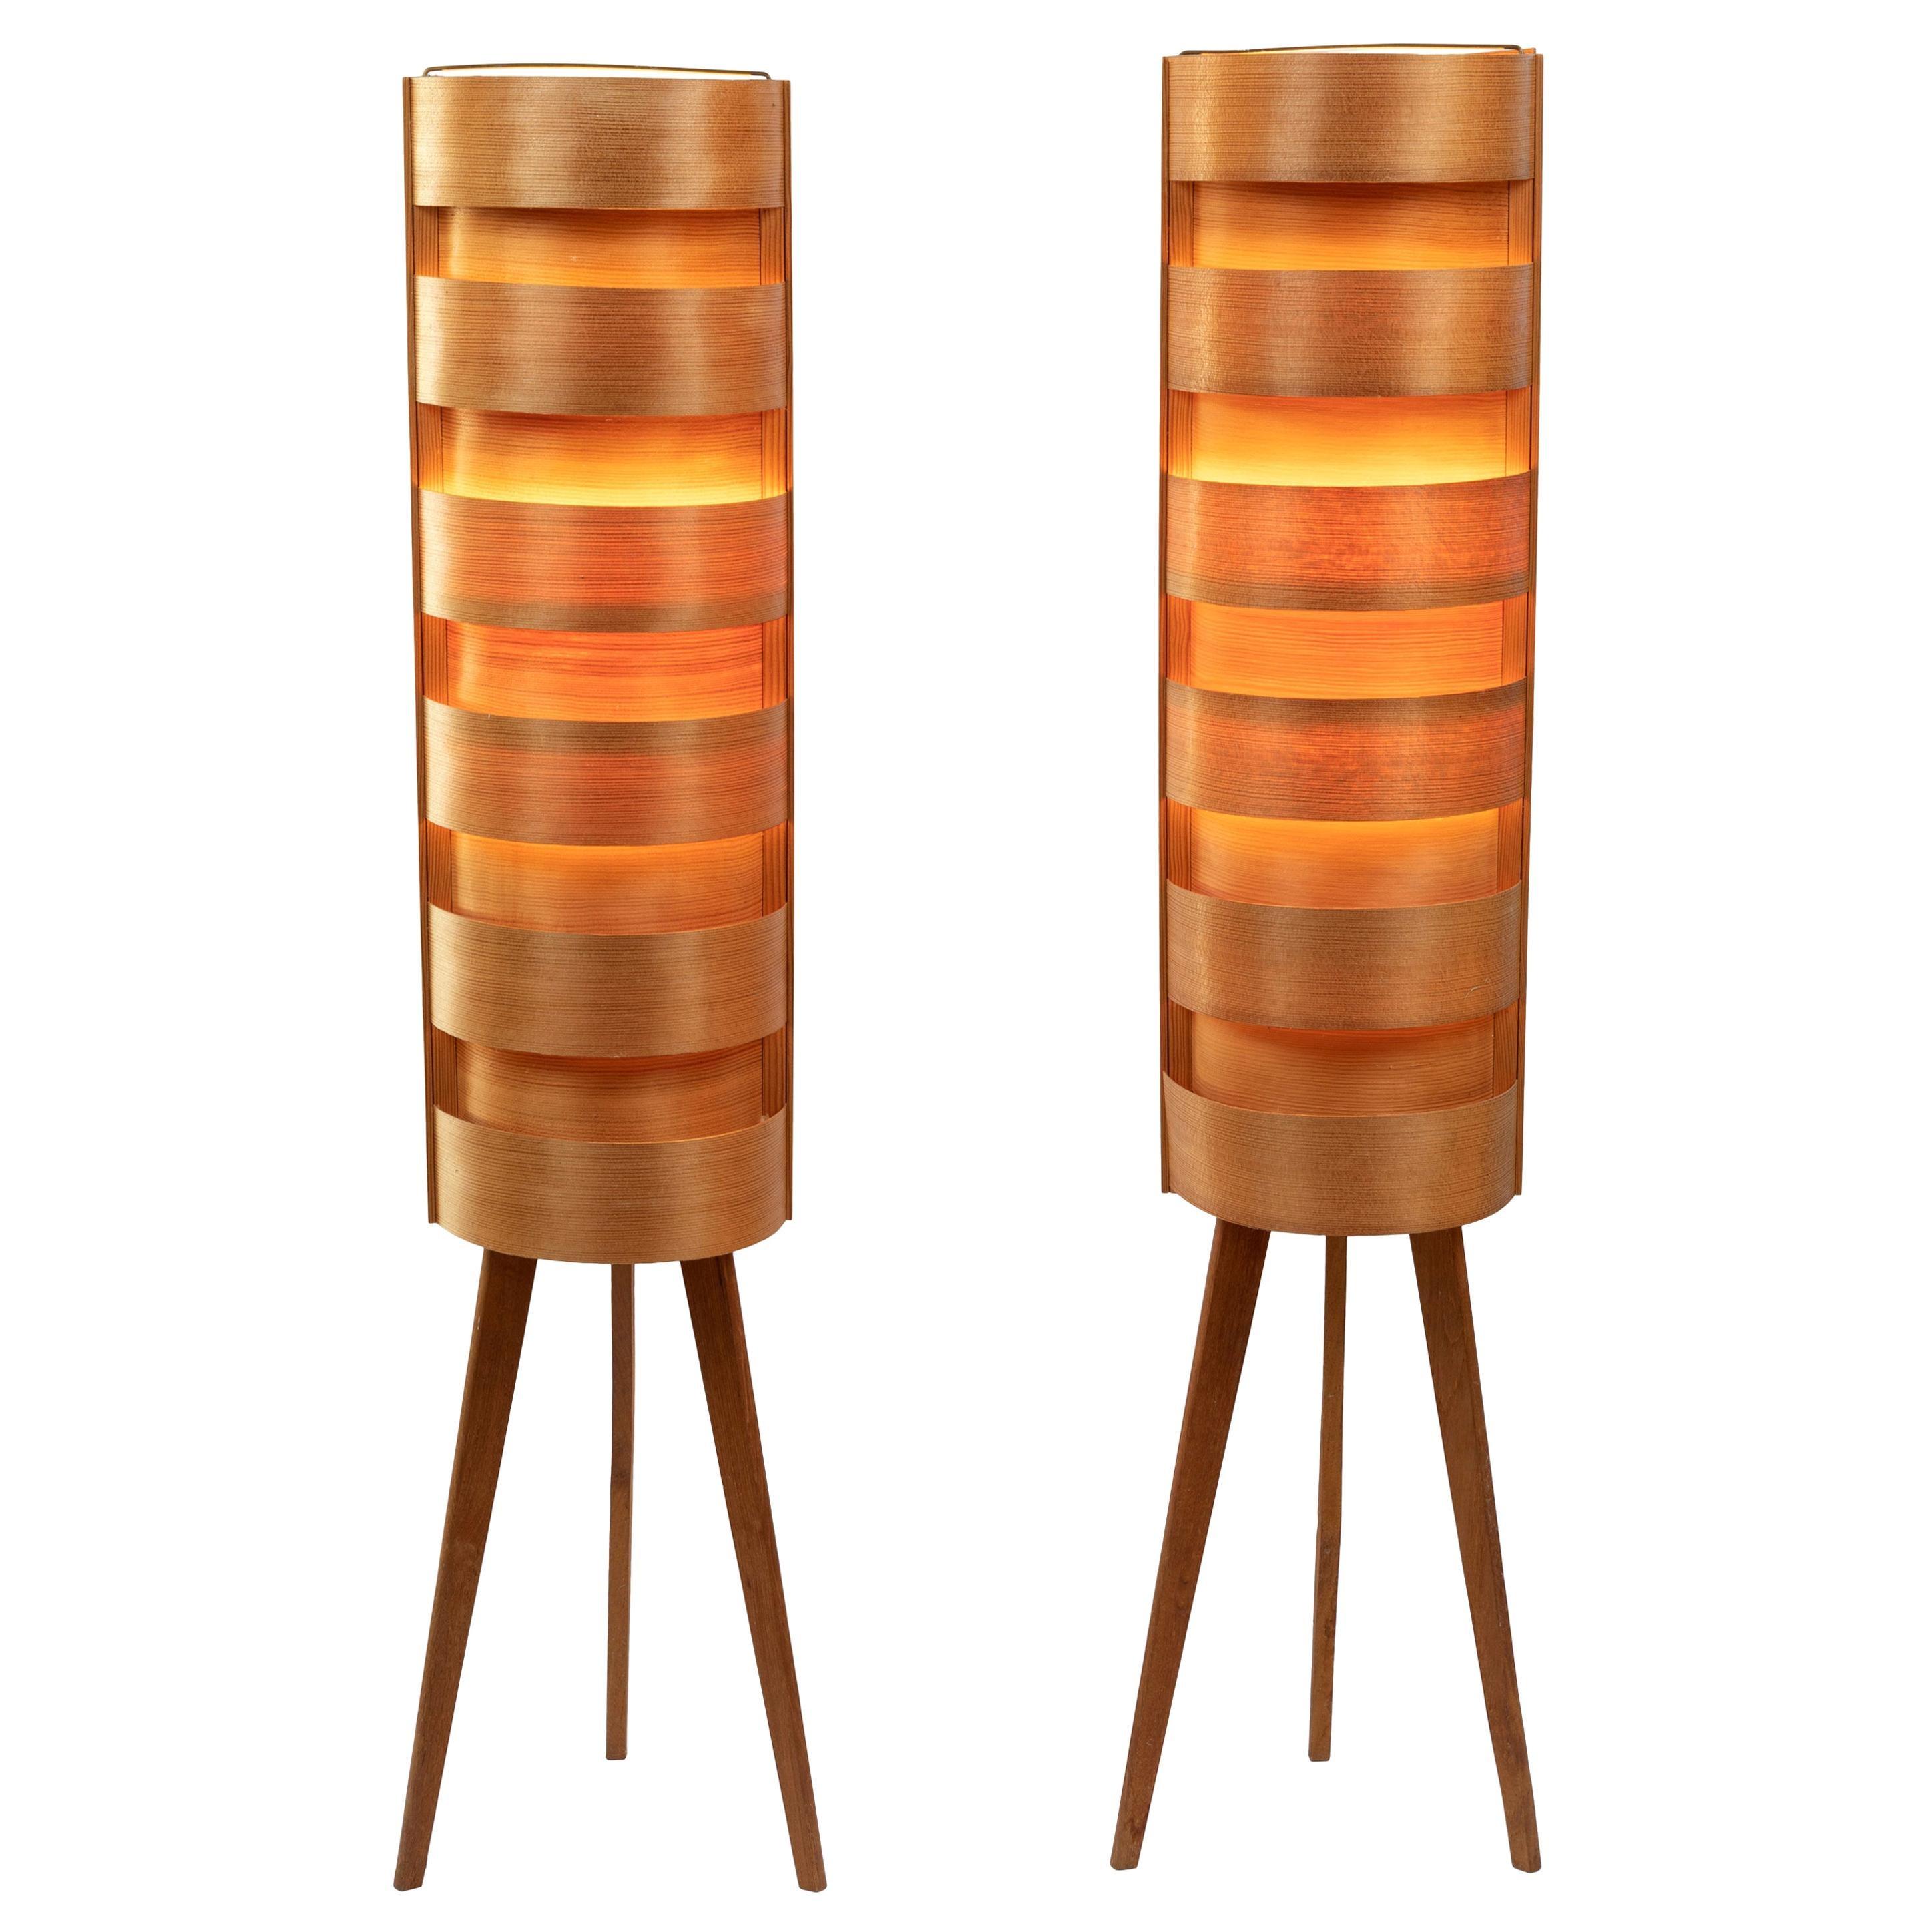 1960s Hans-Agne Jakobsson Wood Tripod Floor Lamps for AB Ellysett